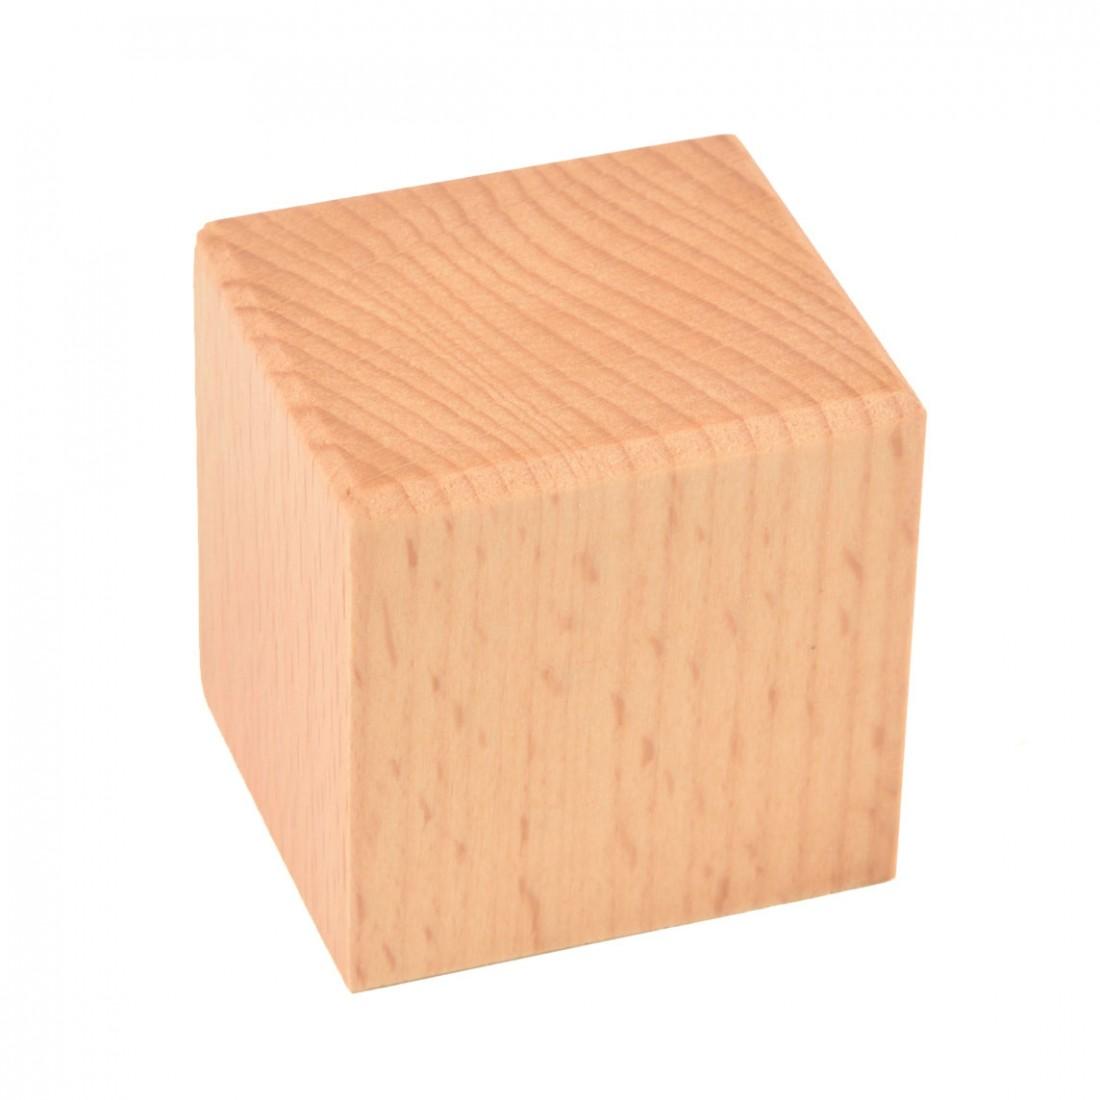 Wooden column base mm.45x40x45 varnished